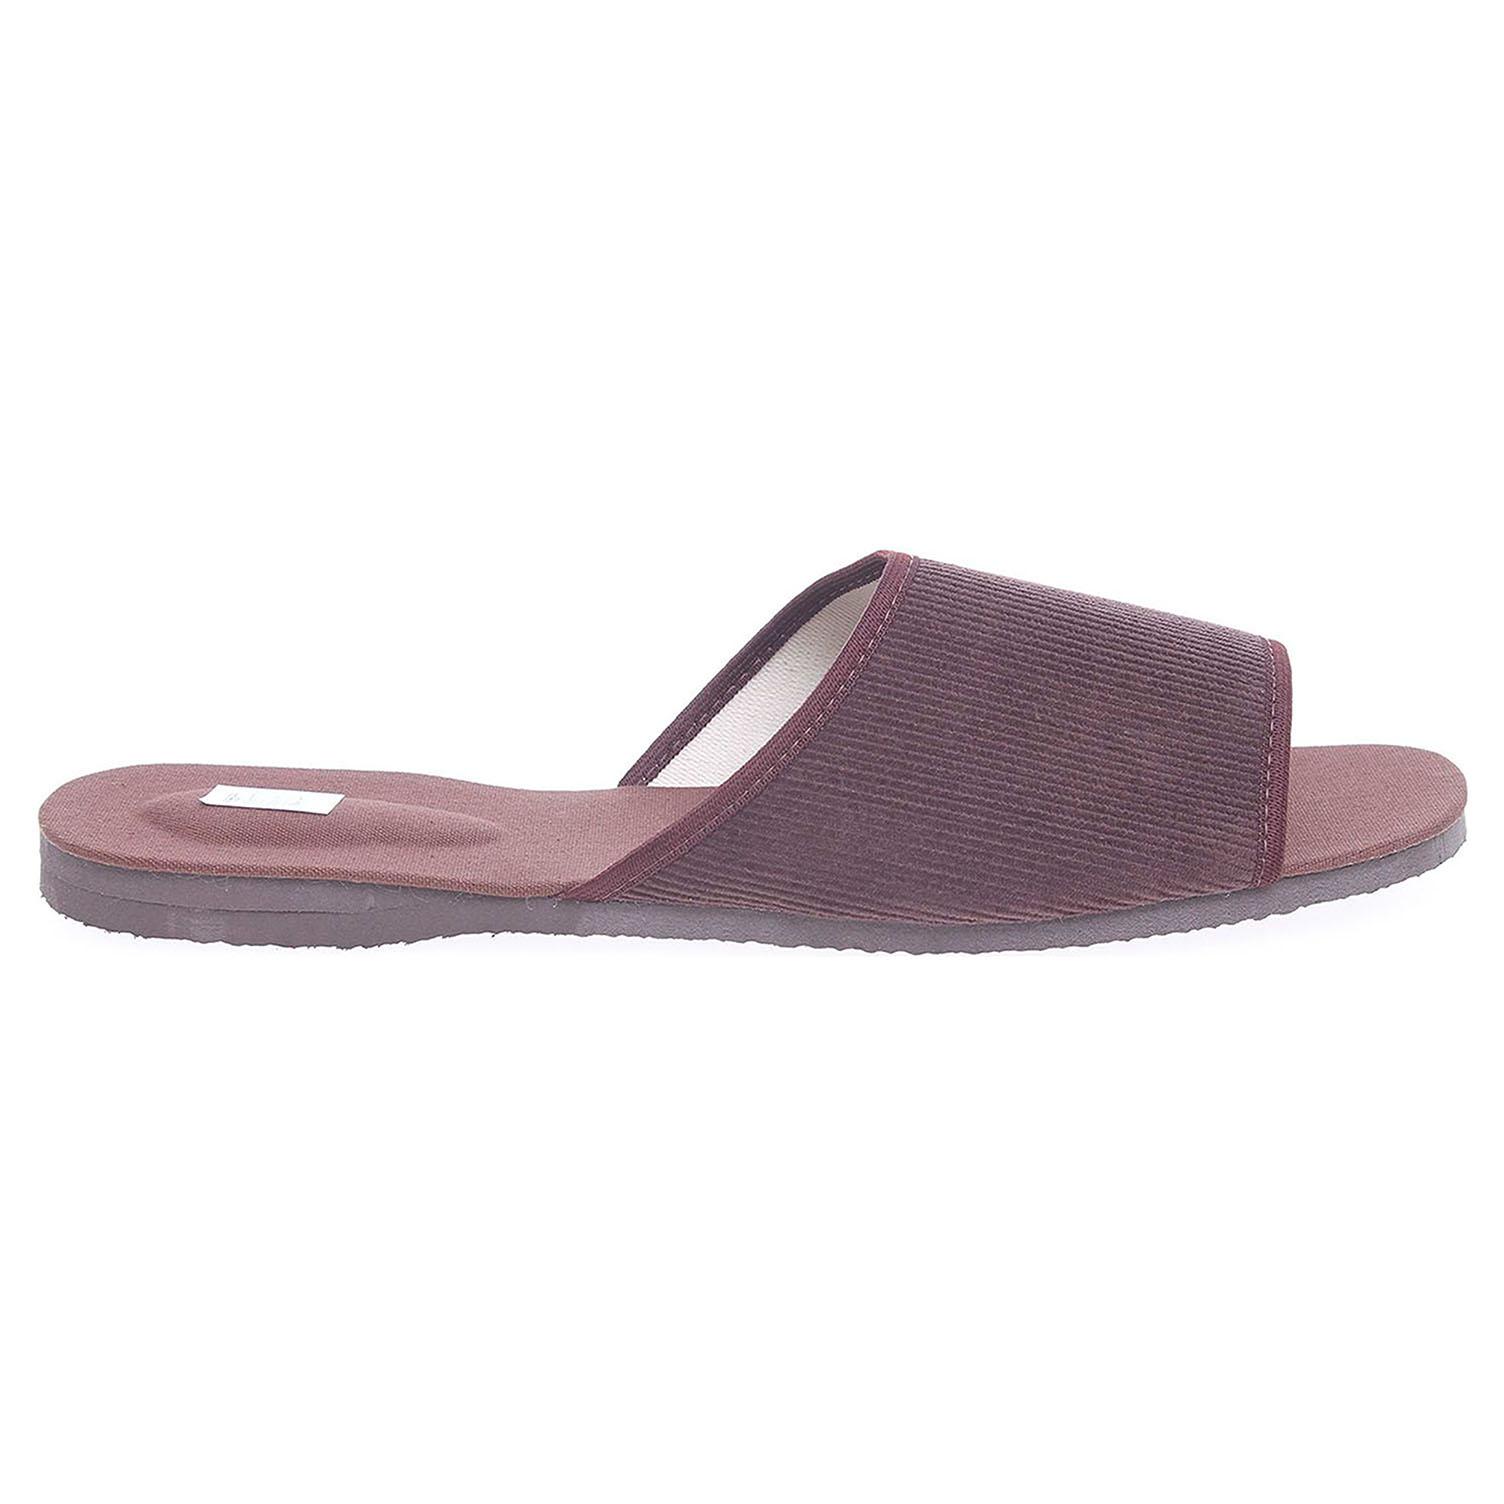 Pánské domácí pantofle hnědé 3009.00 48